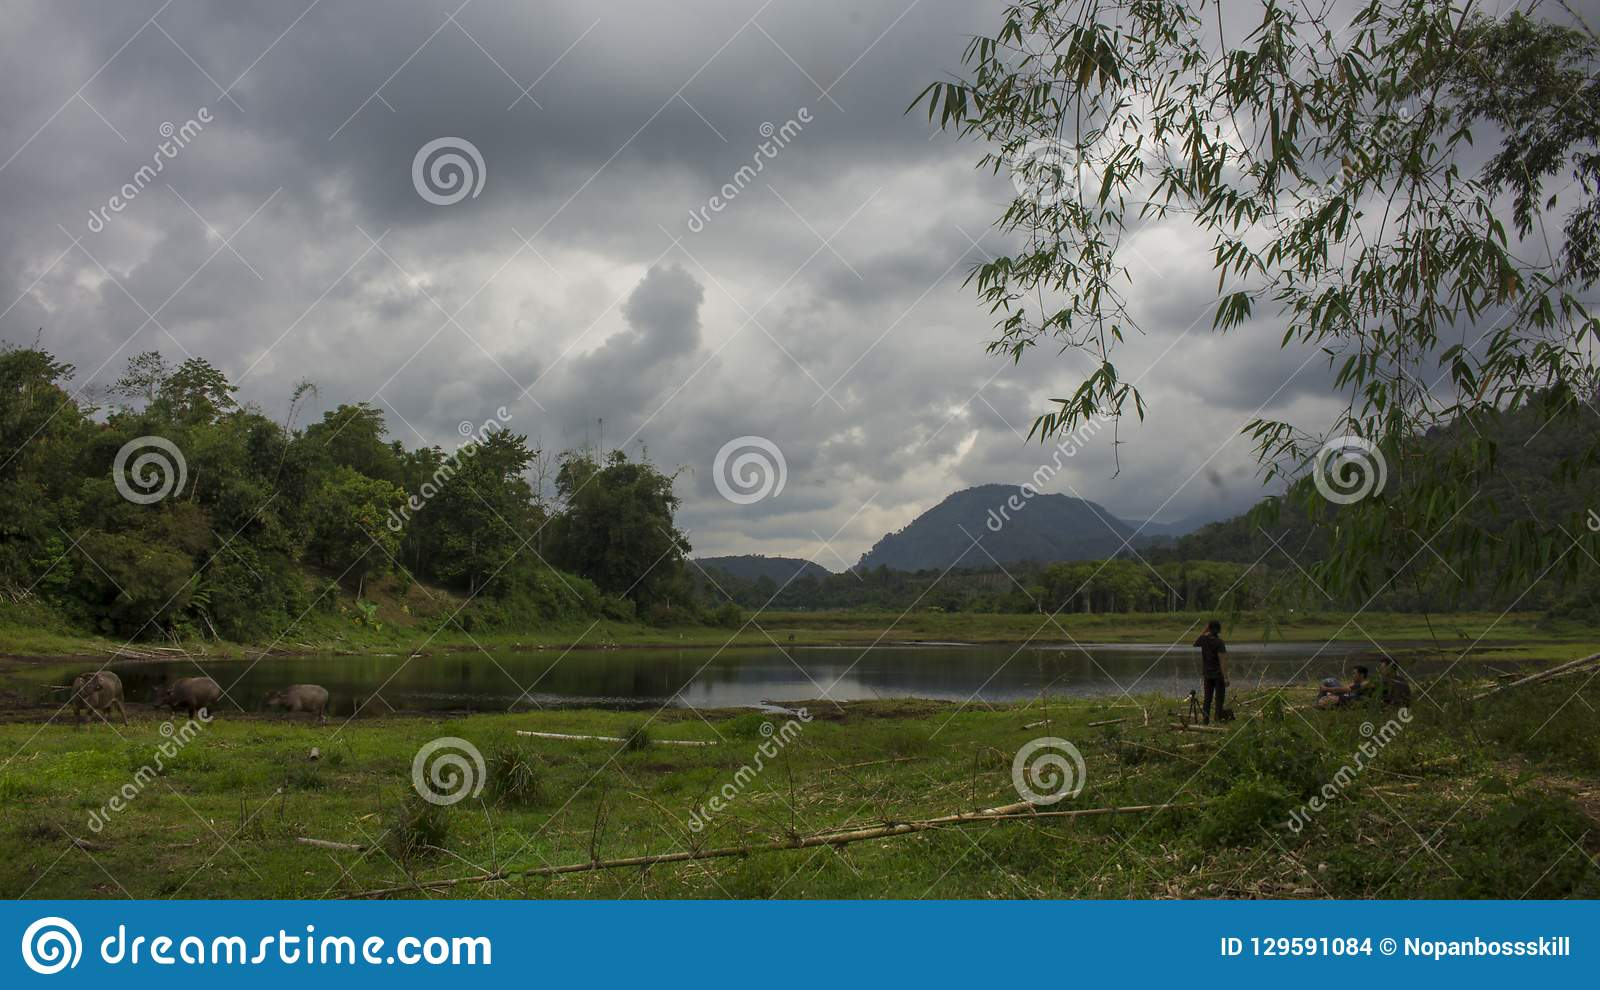 Renah政府大厦大草场湖在Lolo Gedang葛林芝火山